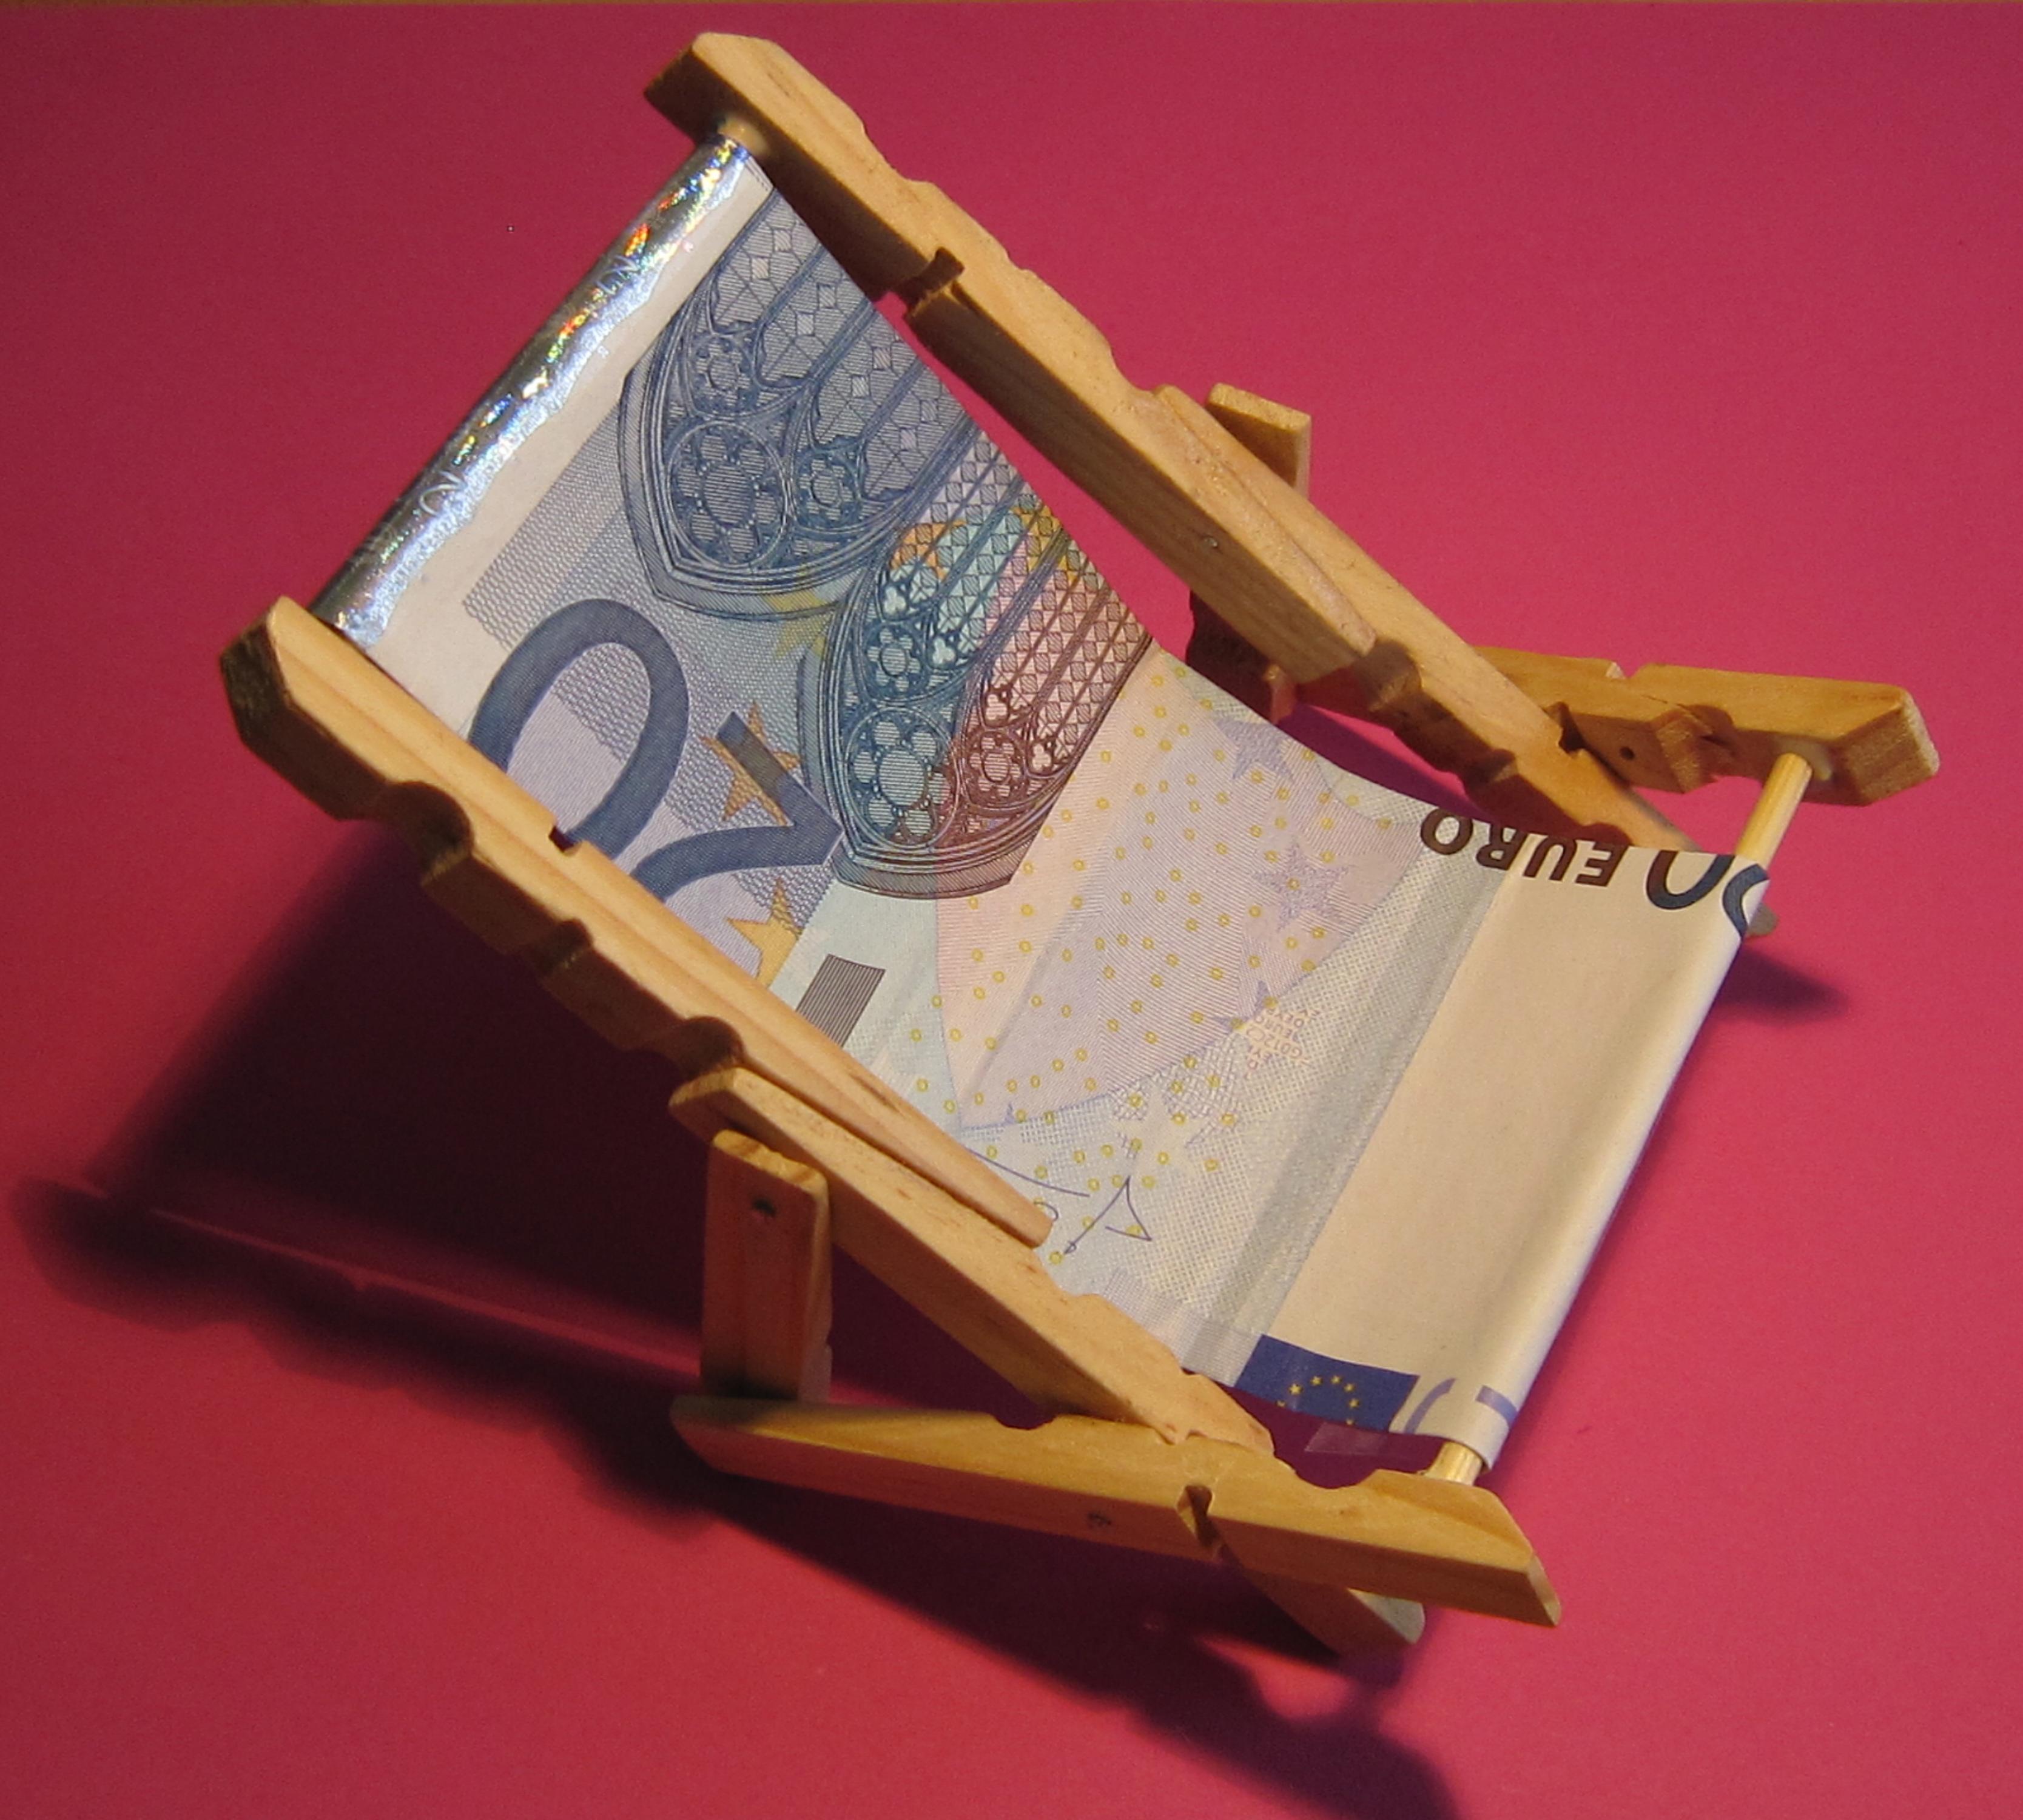 Liegestuhl - Geldgeschenke verpacken - Witzige Ideen zum Verpacken von ...